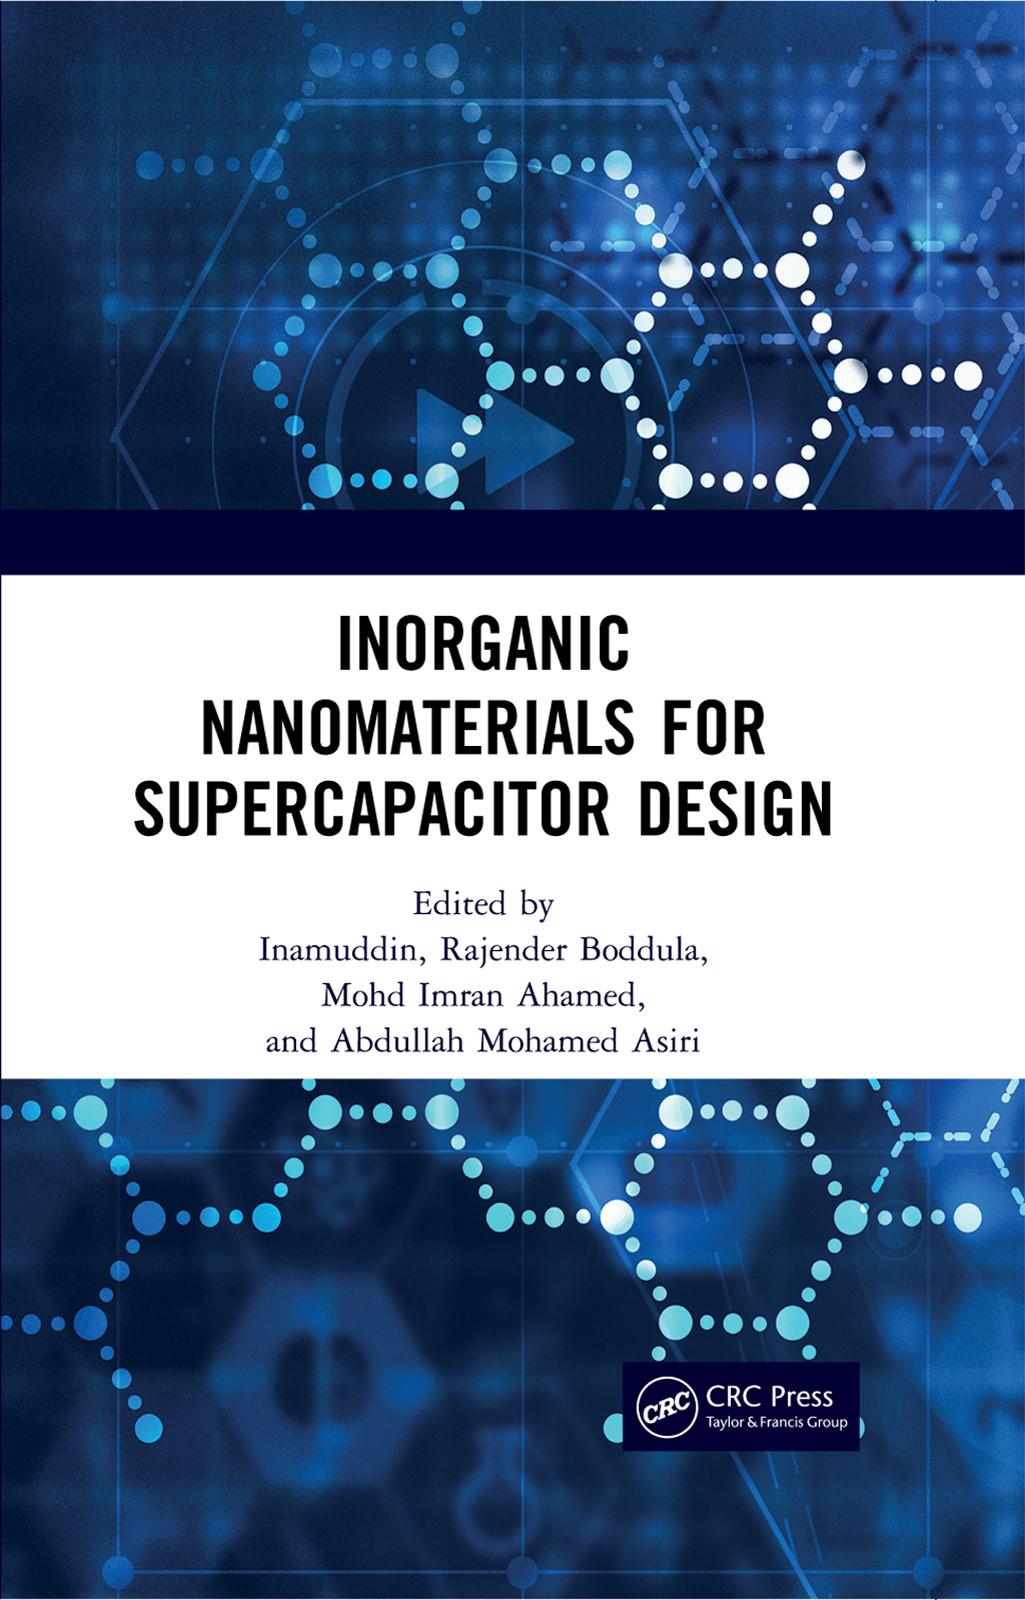 Inorganic Nanomaterials for Supercapacitor Design